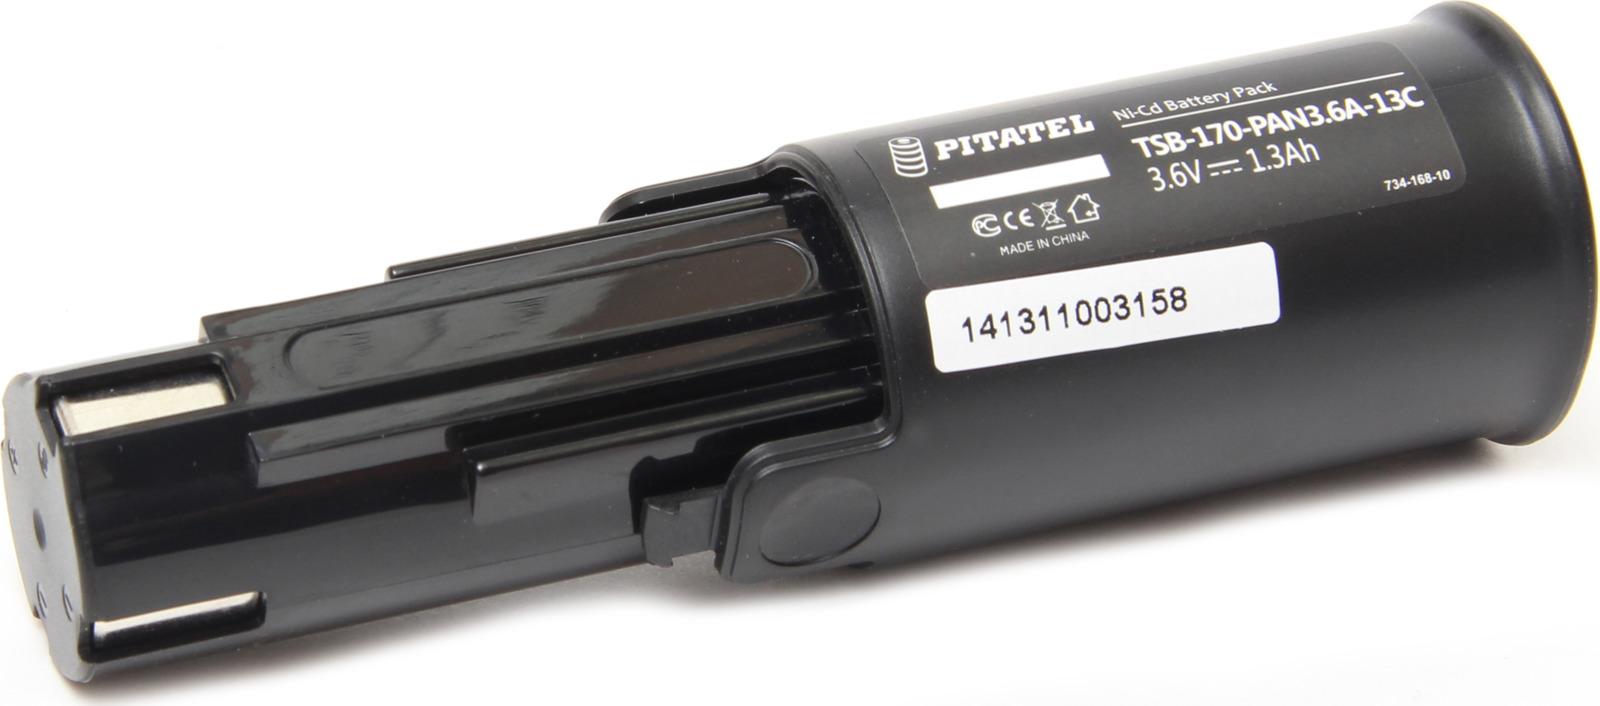 Аккумулятор для инструмента Pitatel TSB-170-PAN3.6A-13C для PANASONIC, черный аккумулятор для инструмента pitatel для panasonic tsb 180 pan72 20c